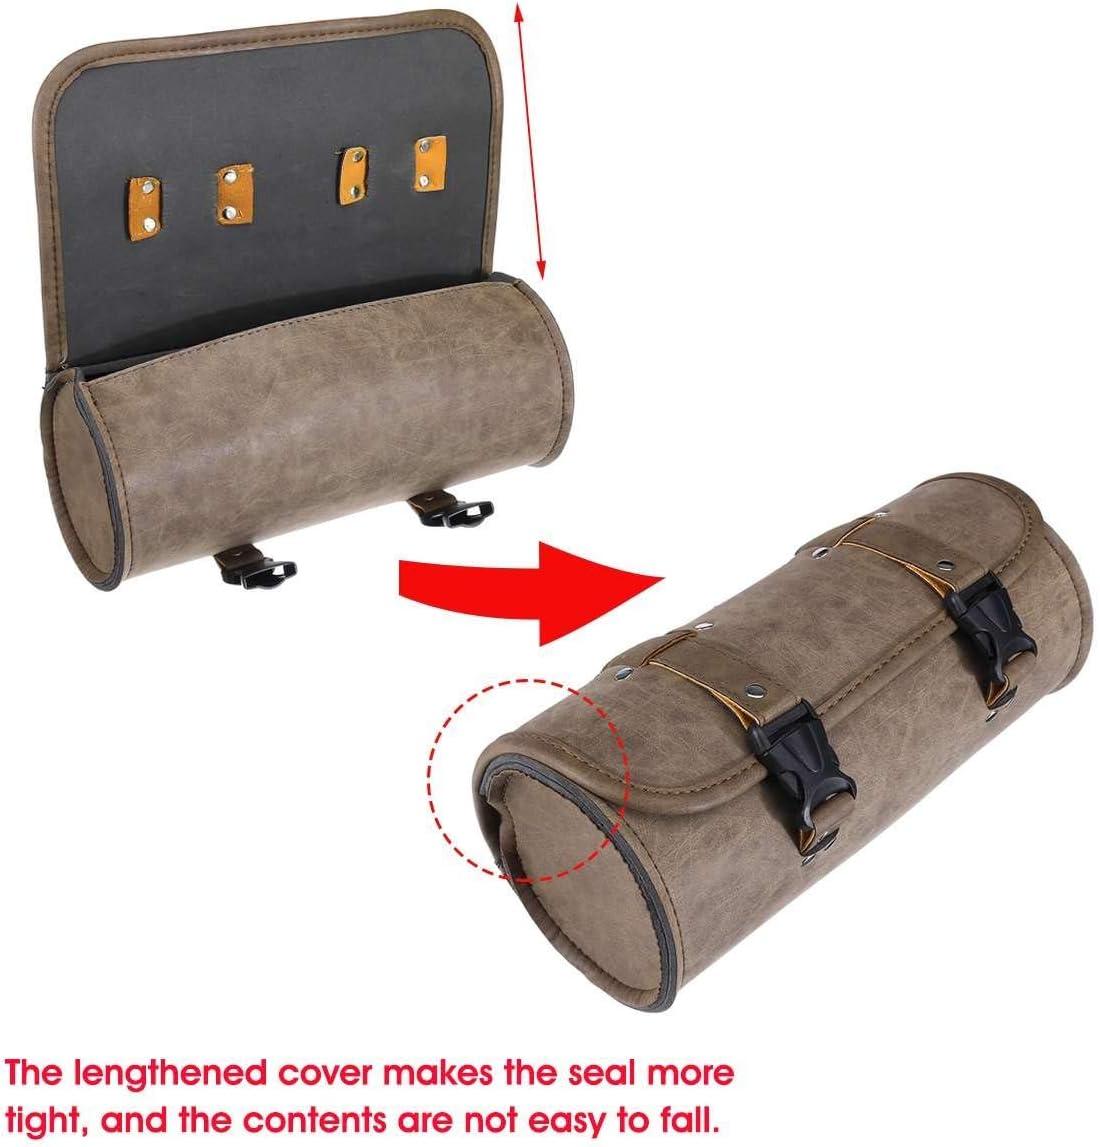 Sucastle Motorrad-Satteltaschen Lenkertasche vorne Werkzeugtasche PU-Leder-Satteltasche Gep/äckaufbewahrung Taschen wasserdichte Rolltasche